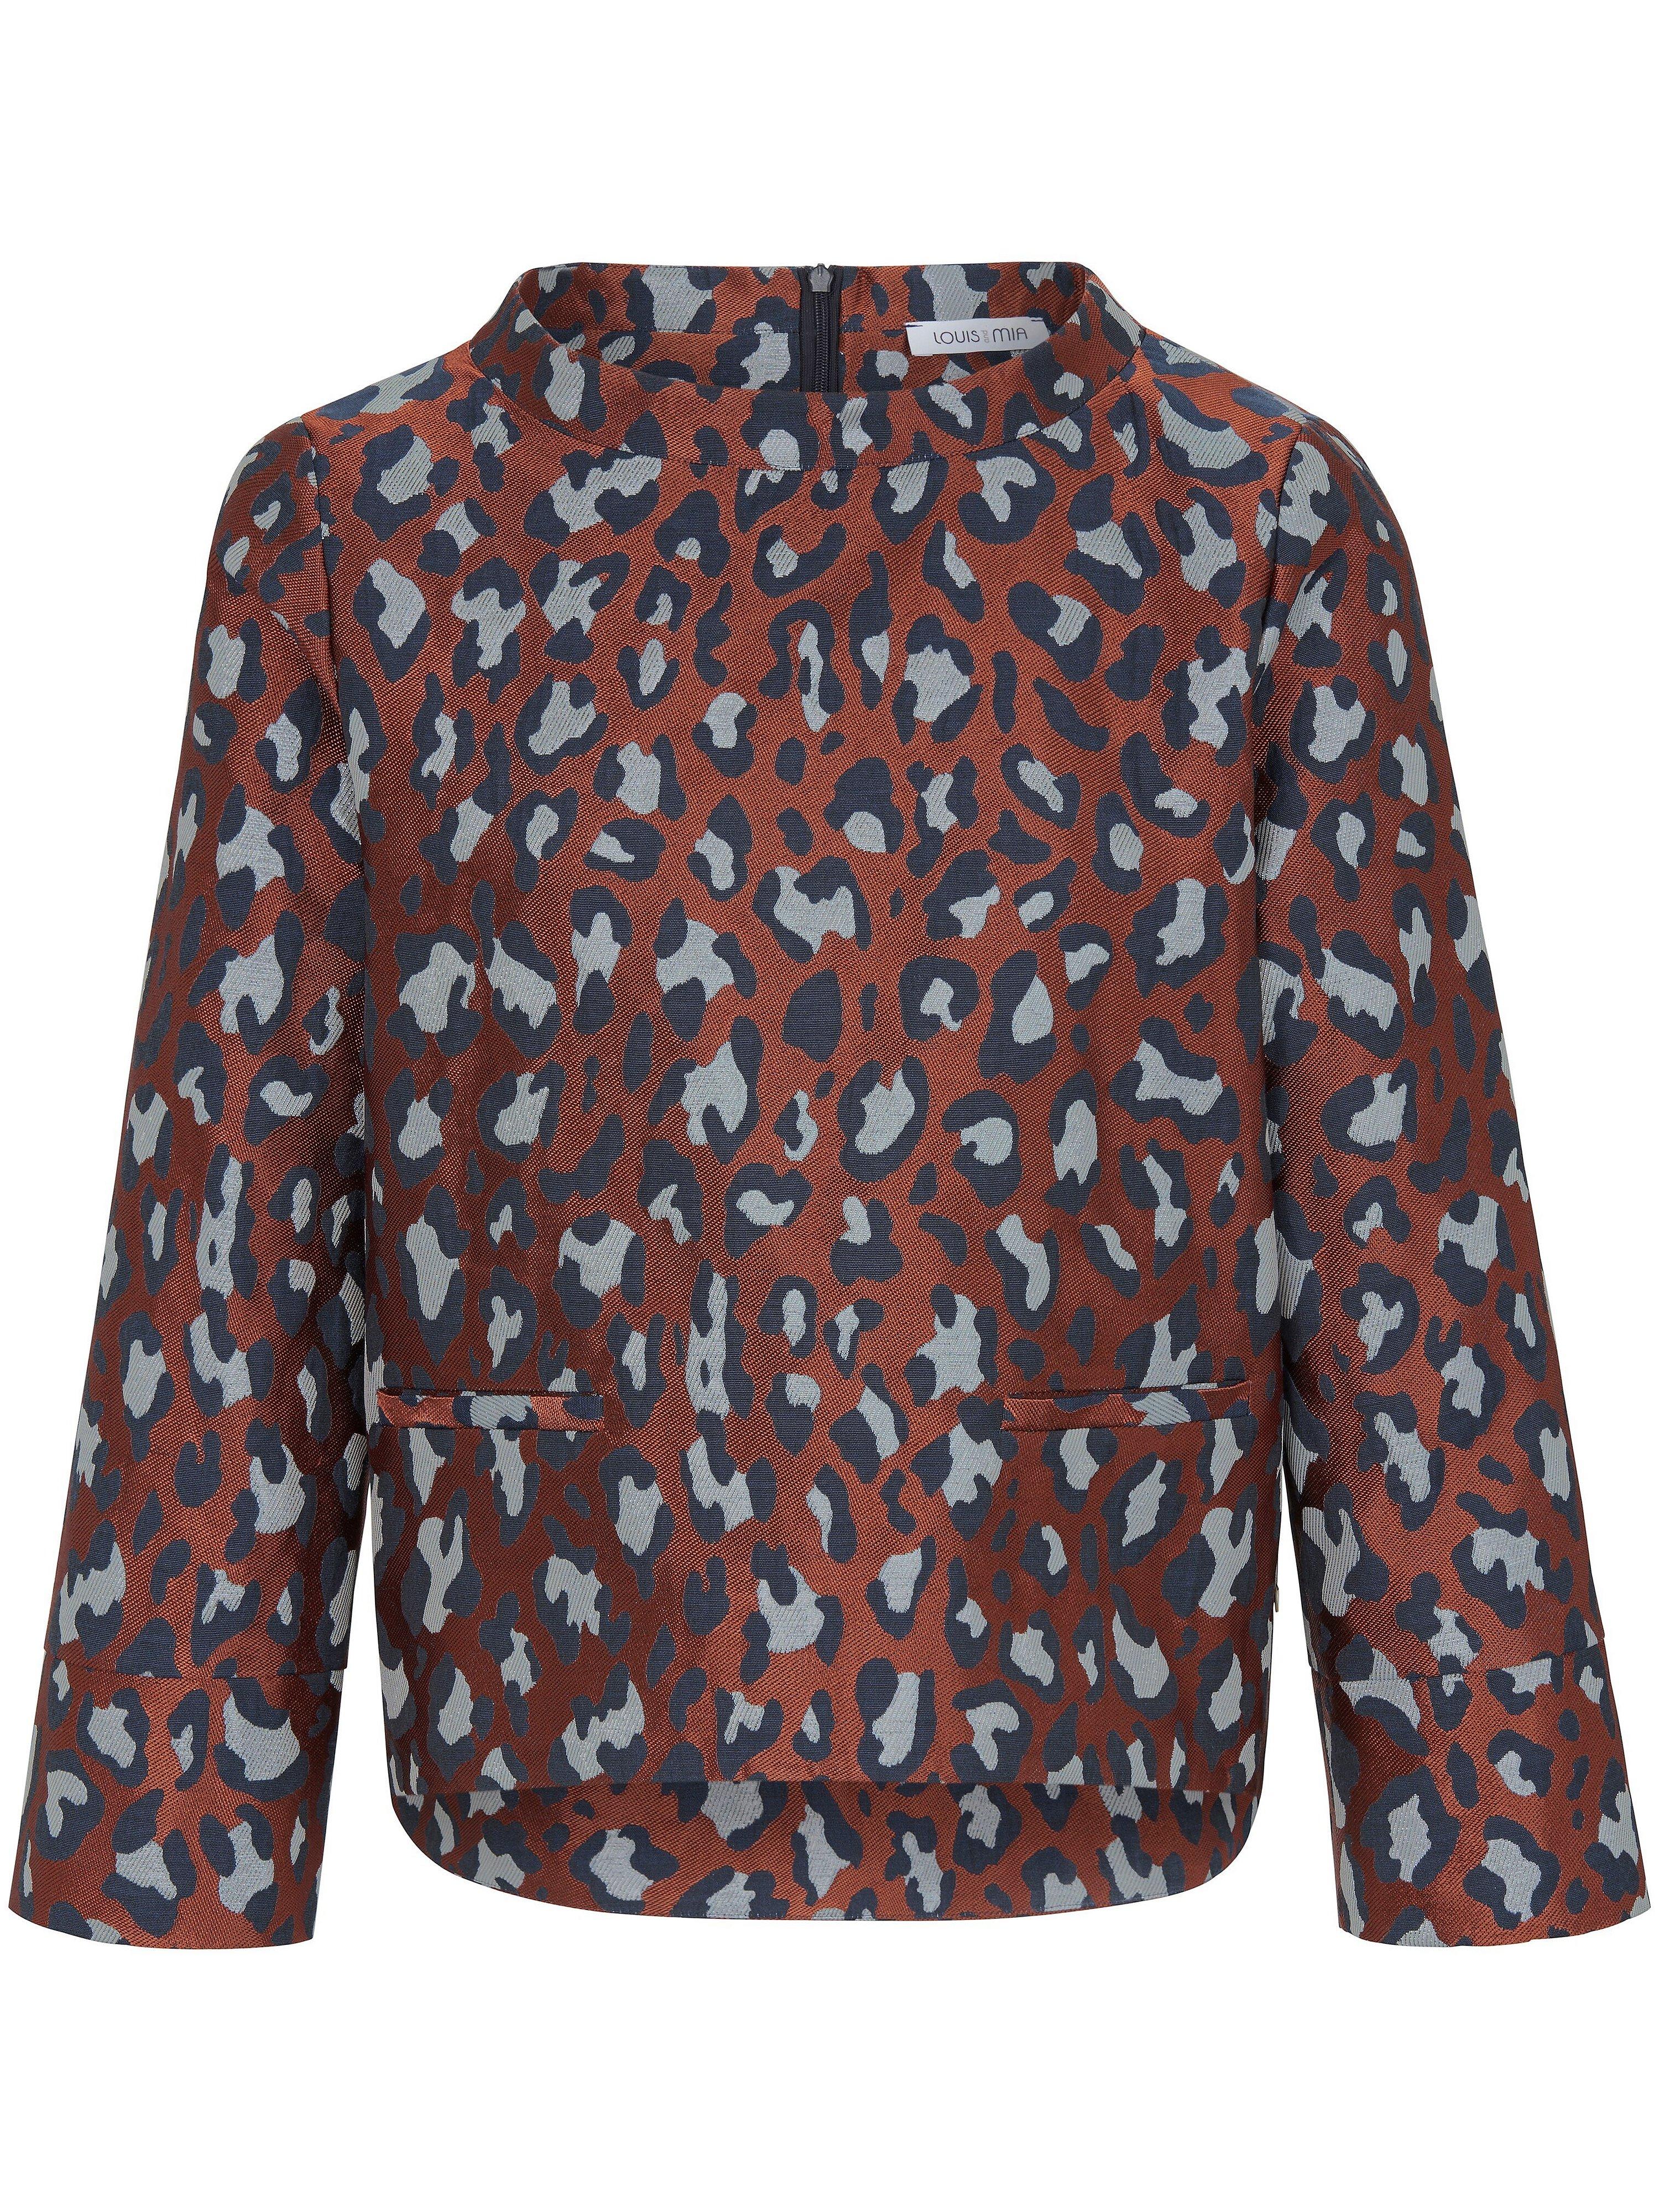 La blouse  Louis and Mia multicolore taille 46